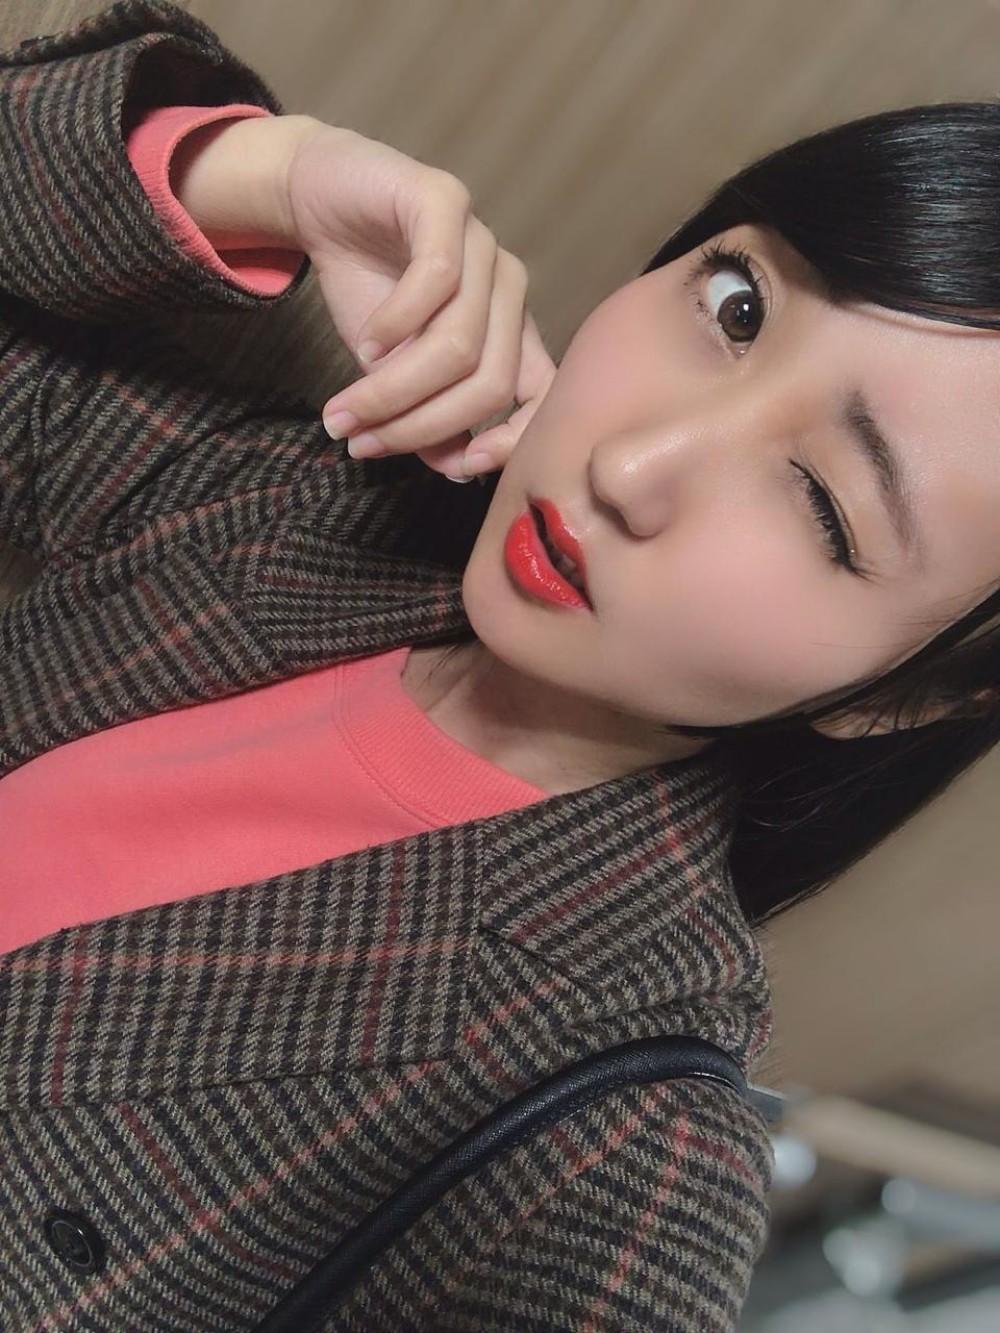 桜井理衣(桜井理衣 )